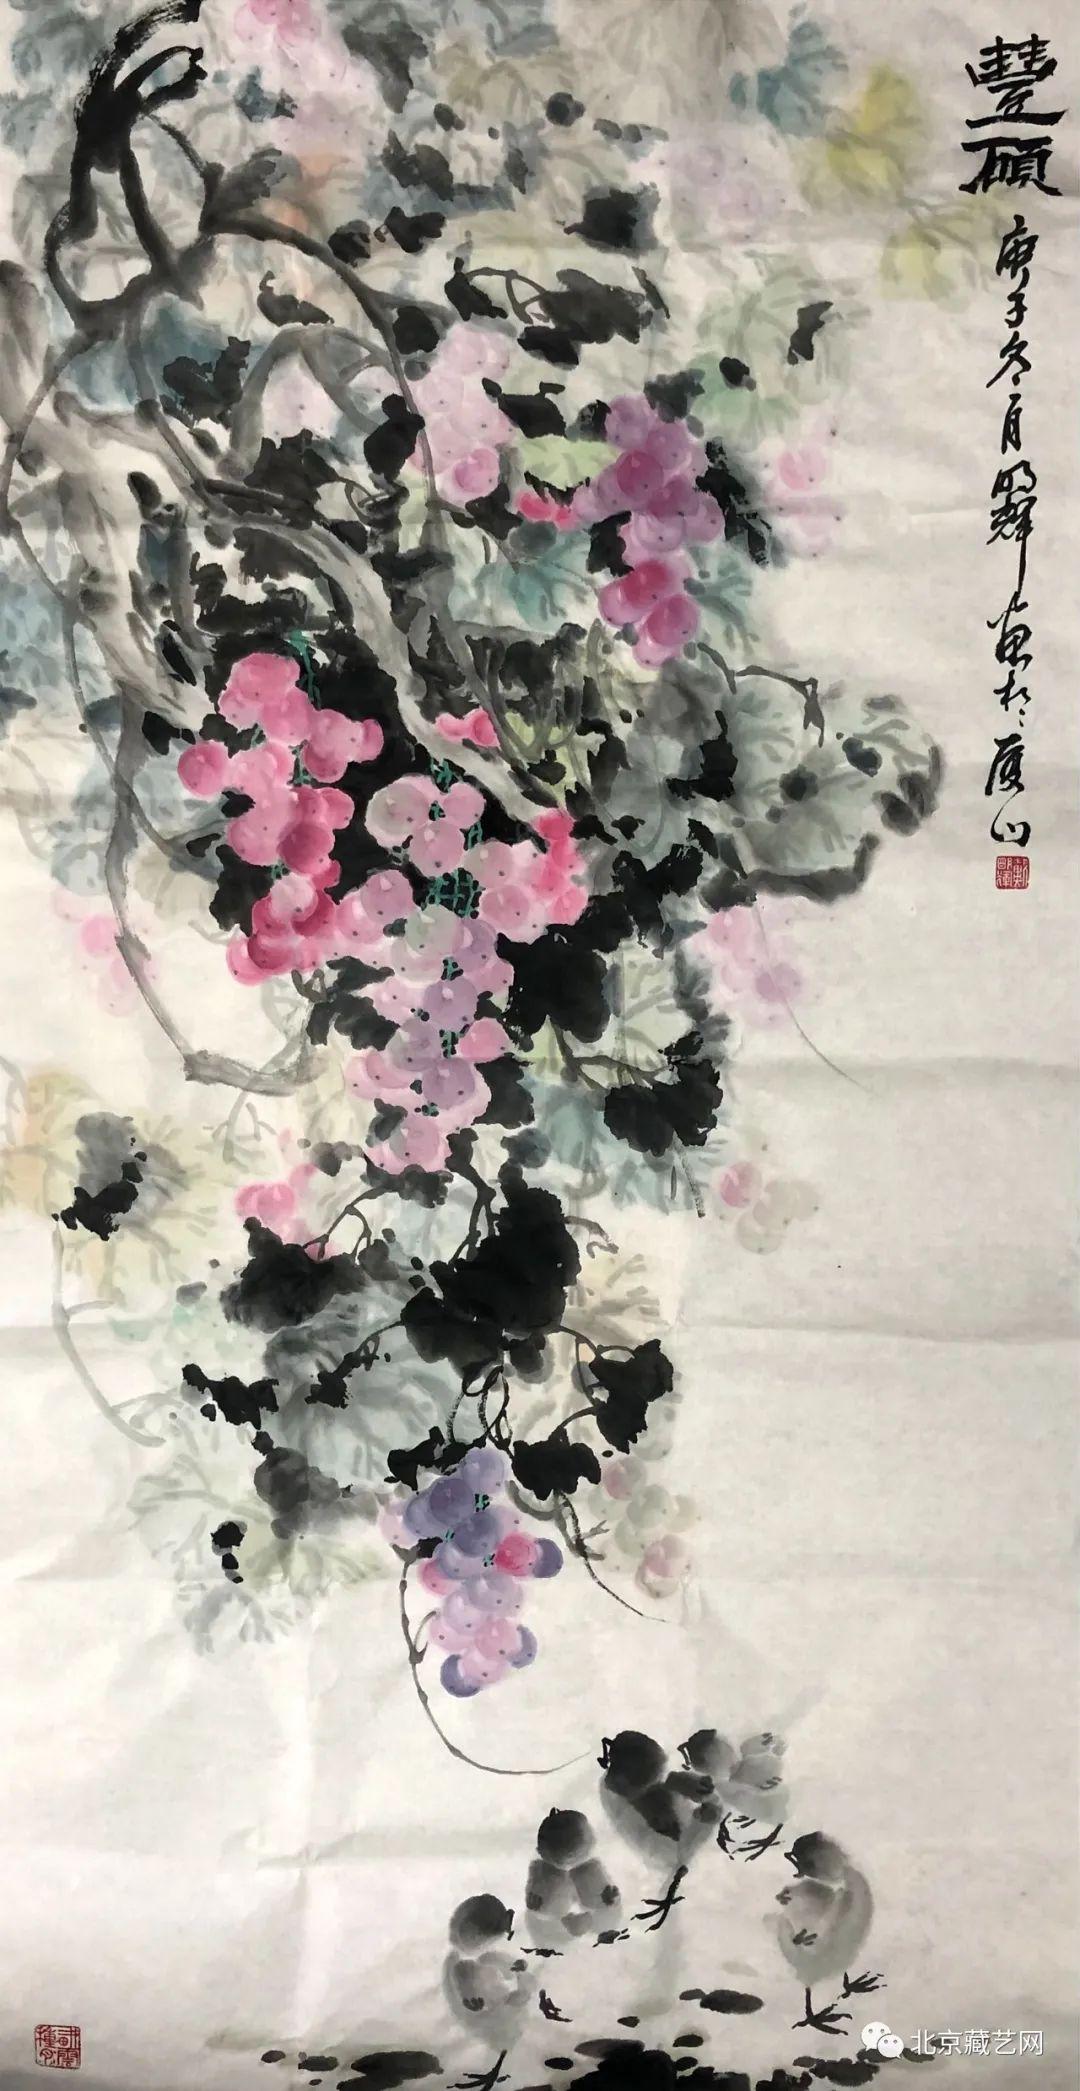 「新时代书画代表人物・戴明辉」献礼建党100周年作品展